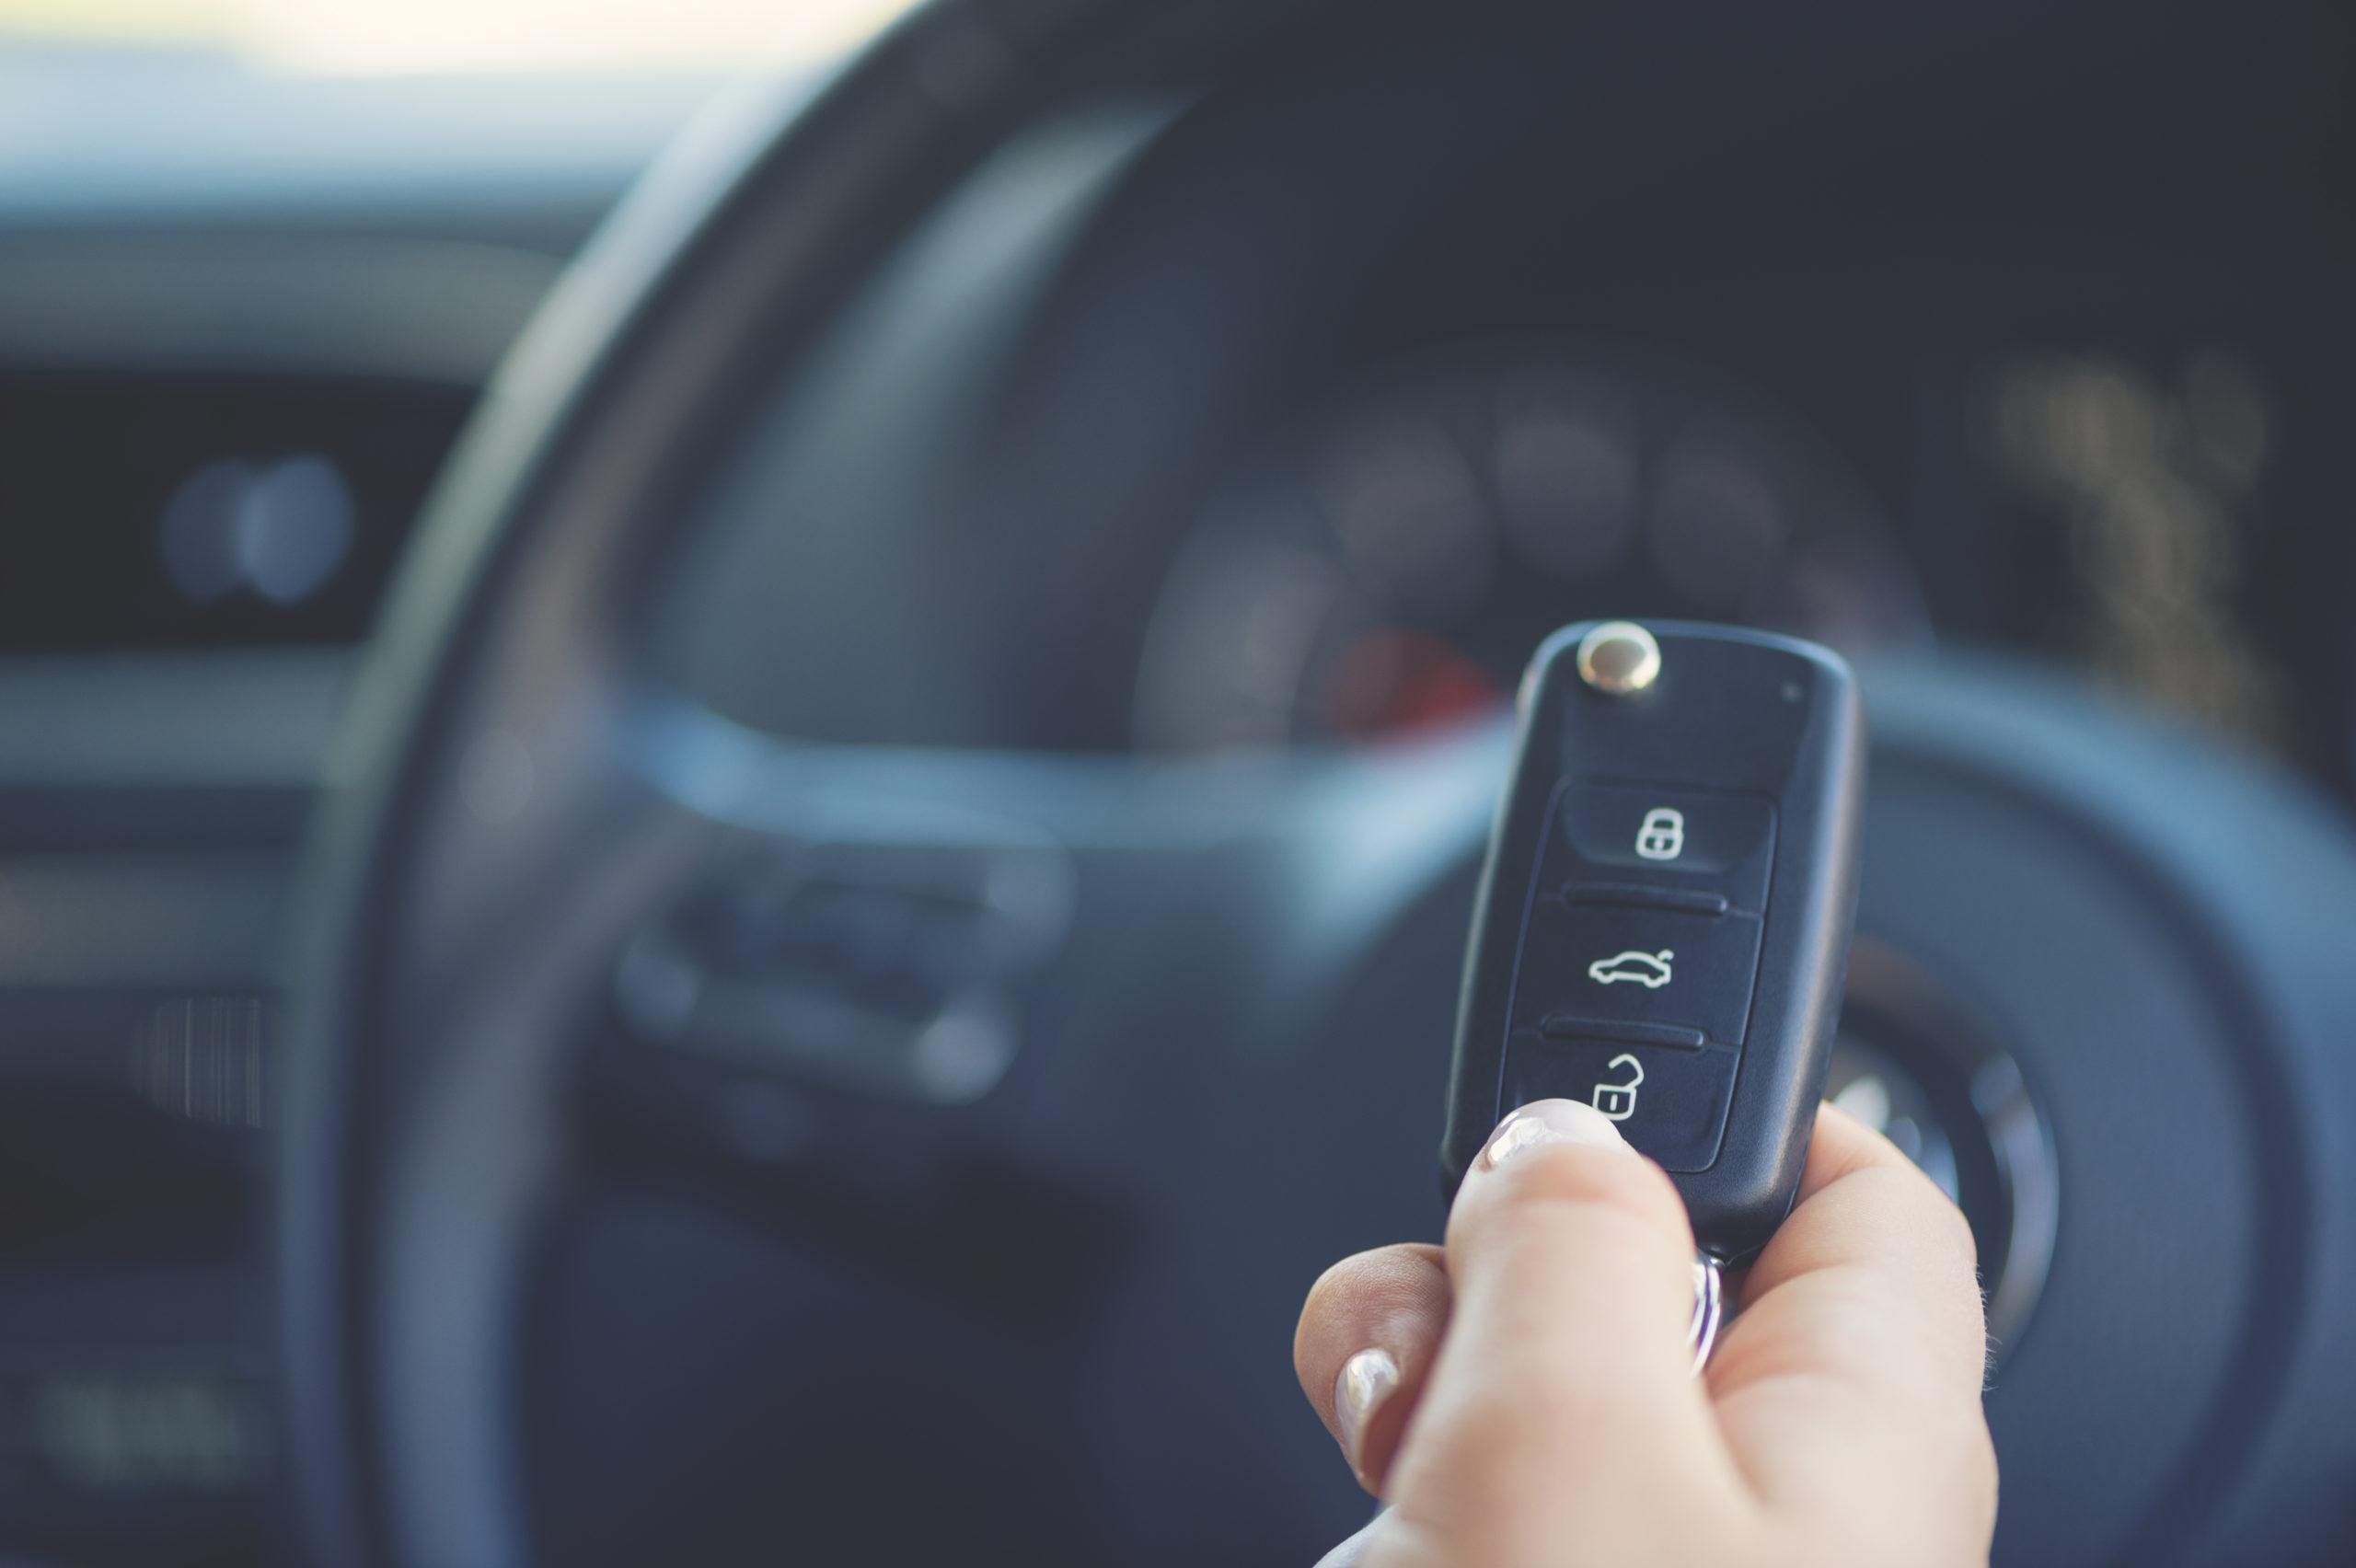 a woman holding a car keyfob